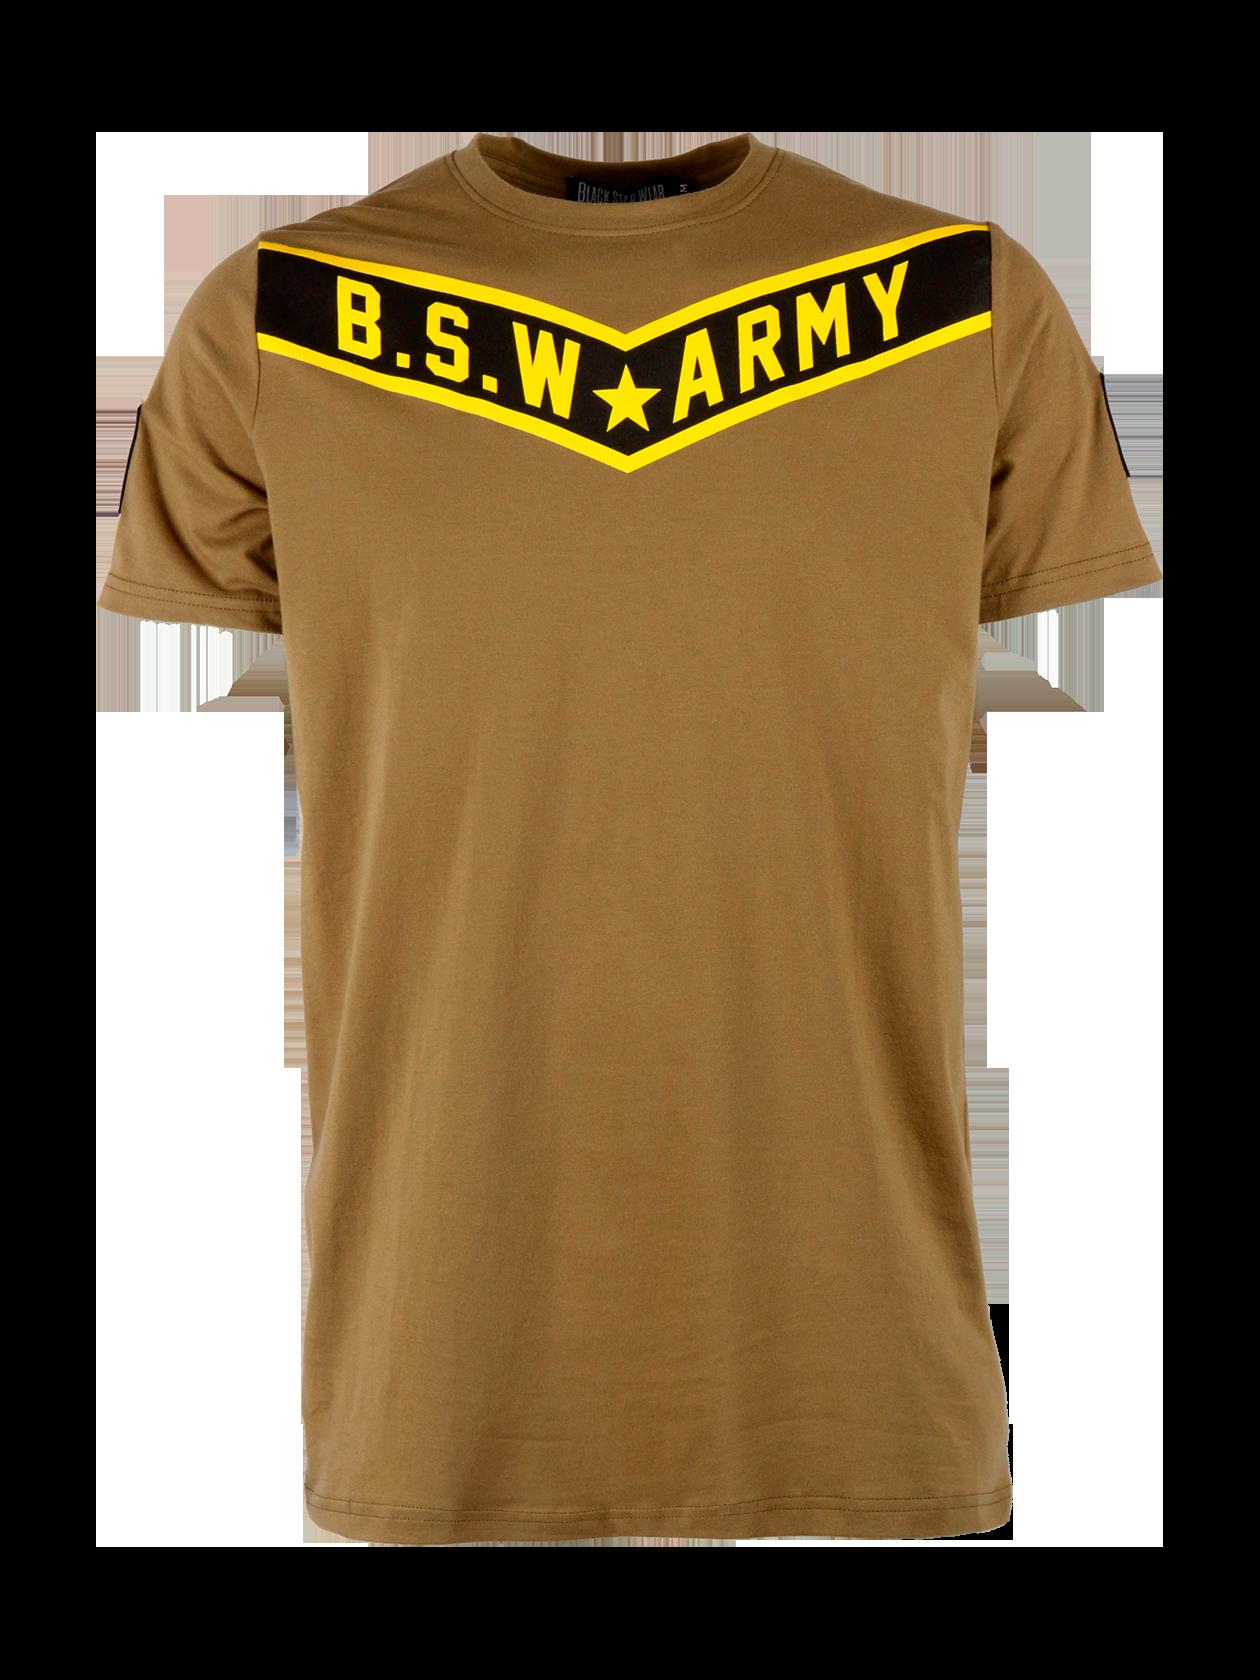 Mens t-shirt B.S.W. Army